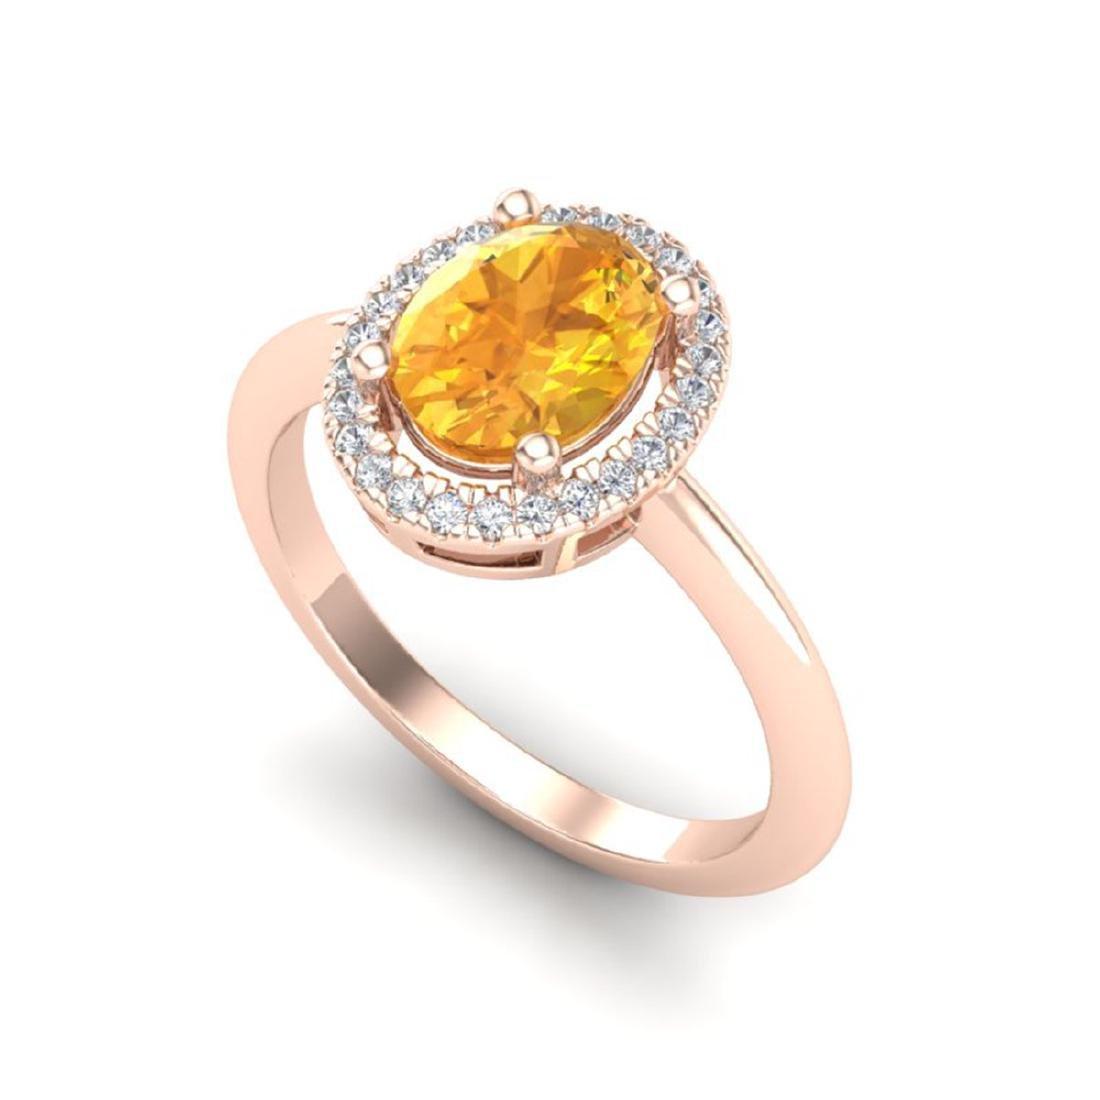 1.75 ctw Citrine & VS/SI Diamond Ring Halo 14K Rose - 2